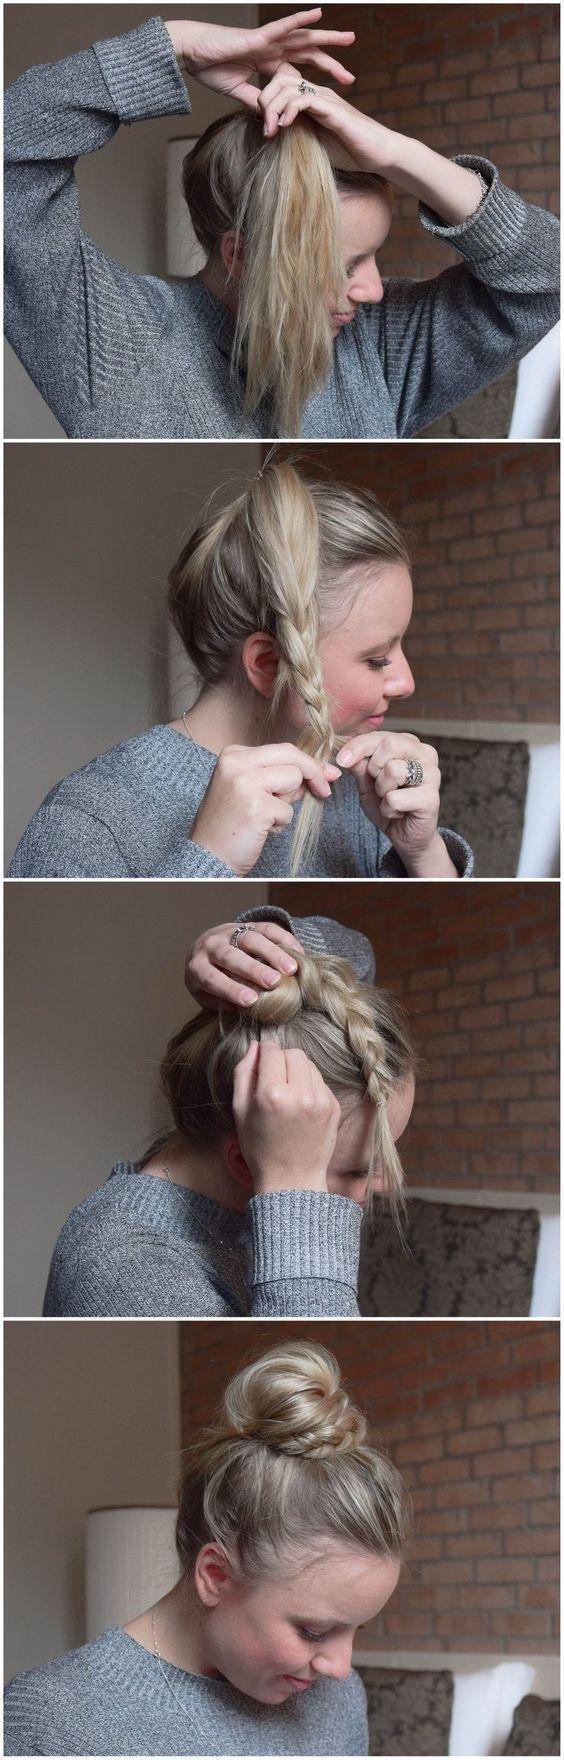 Bestes von netten einfachen Frisuren Tumblr für Schule